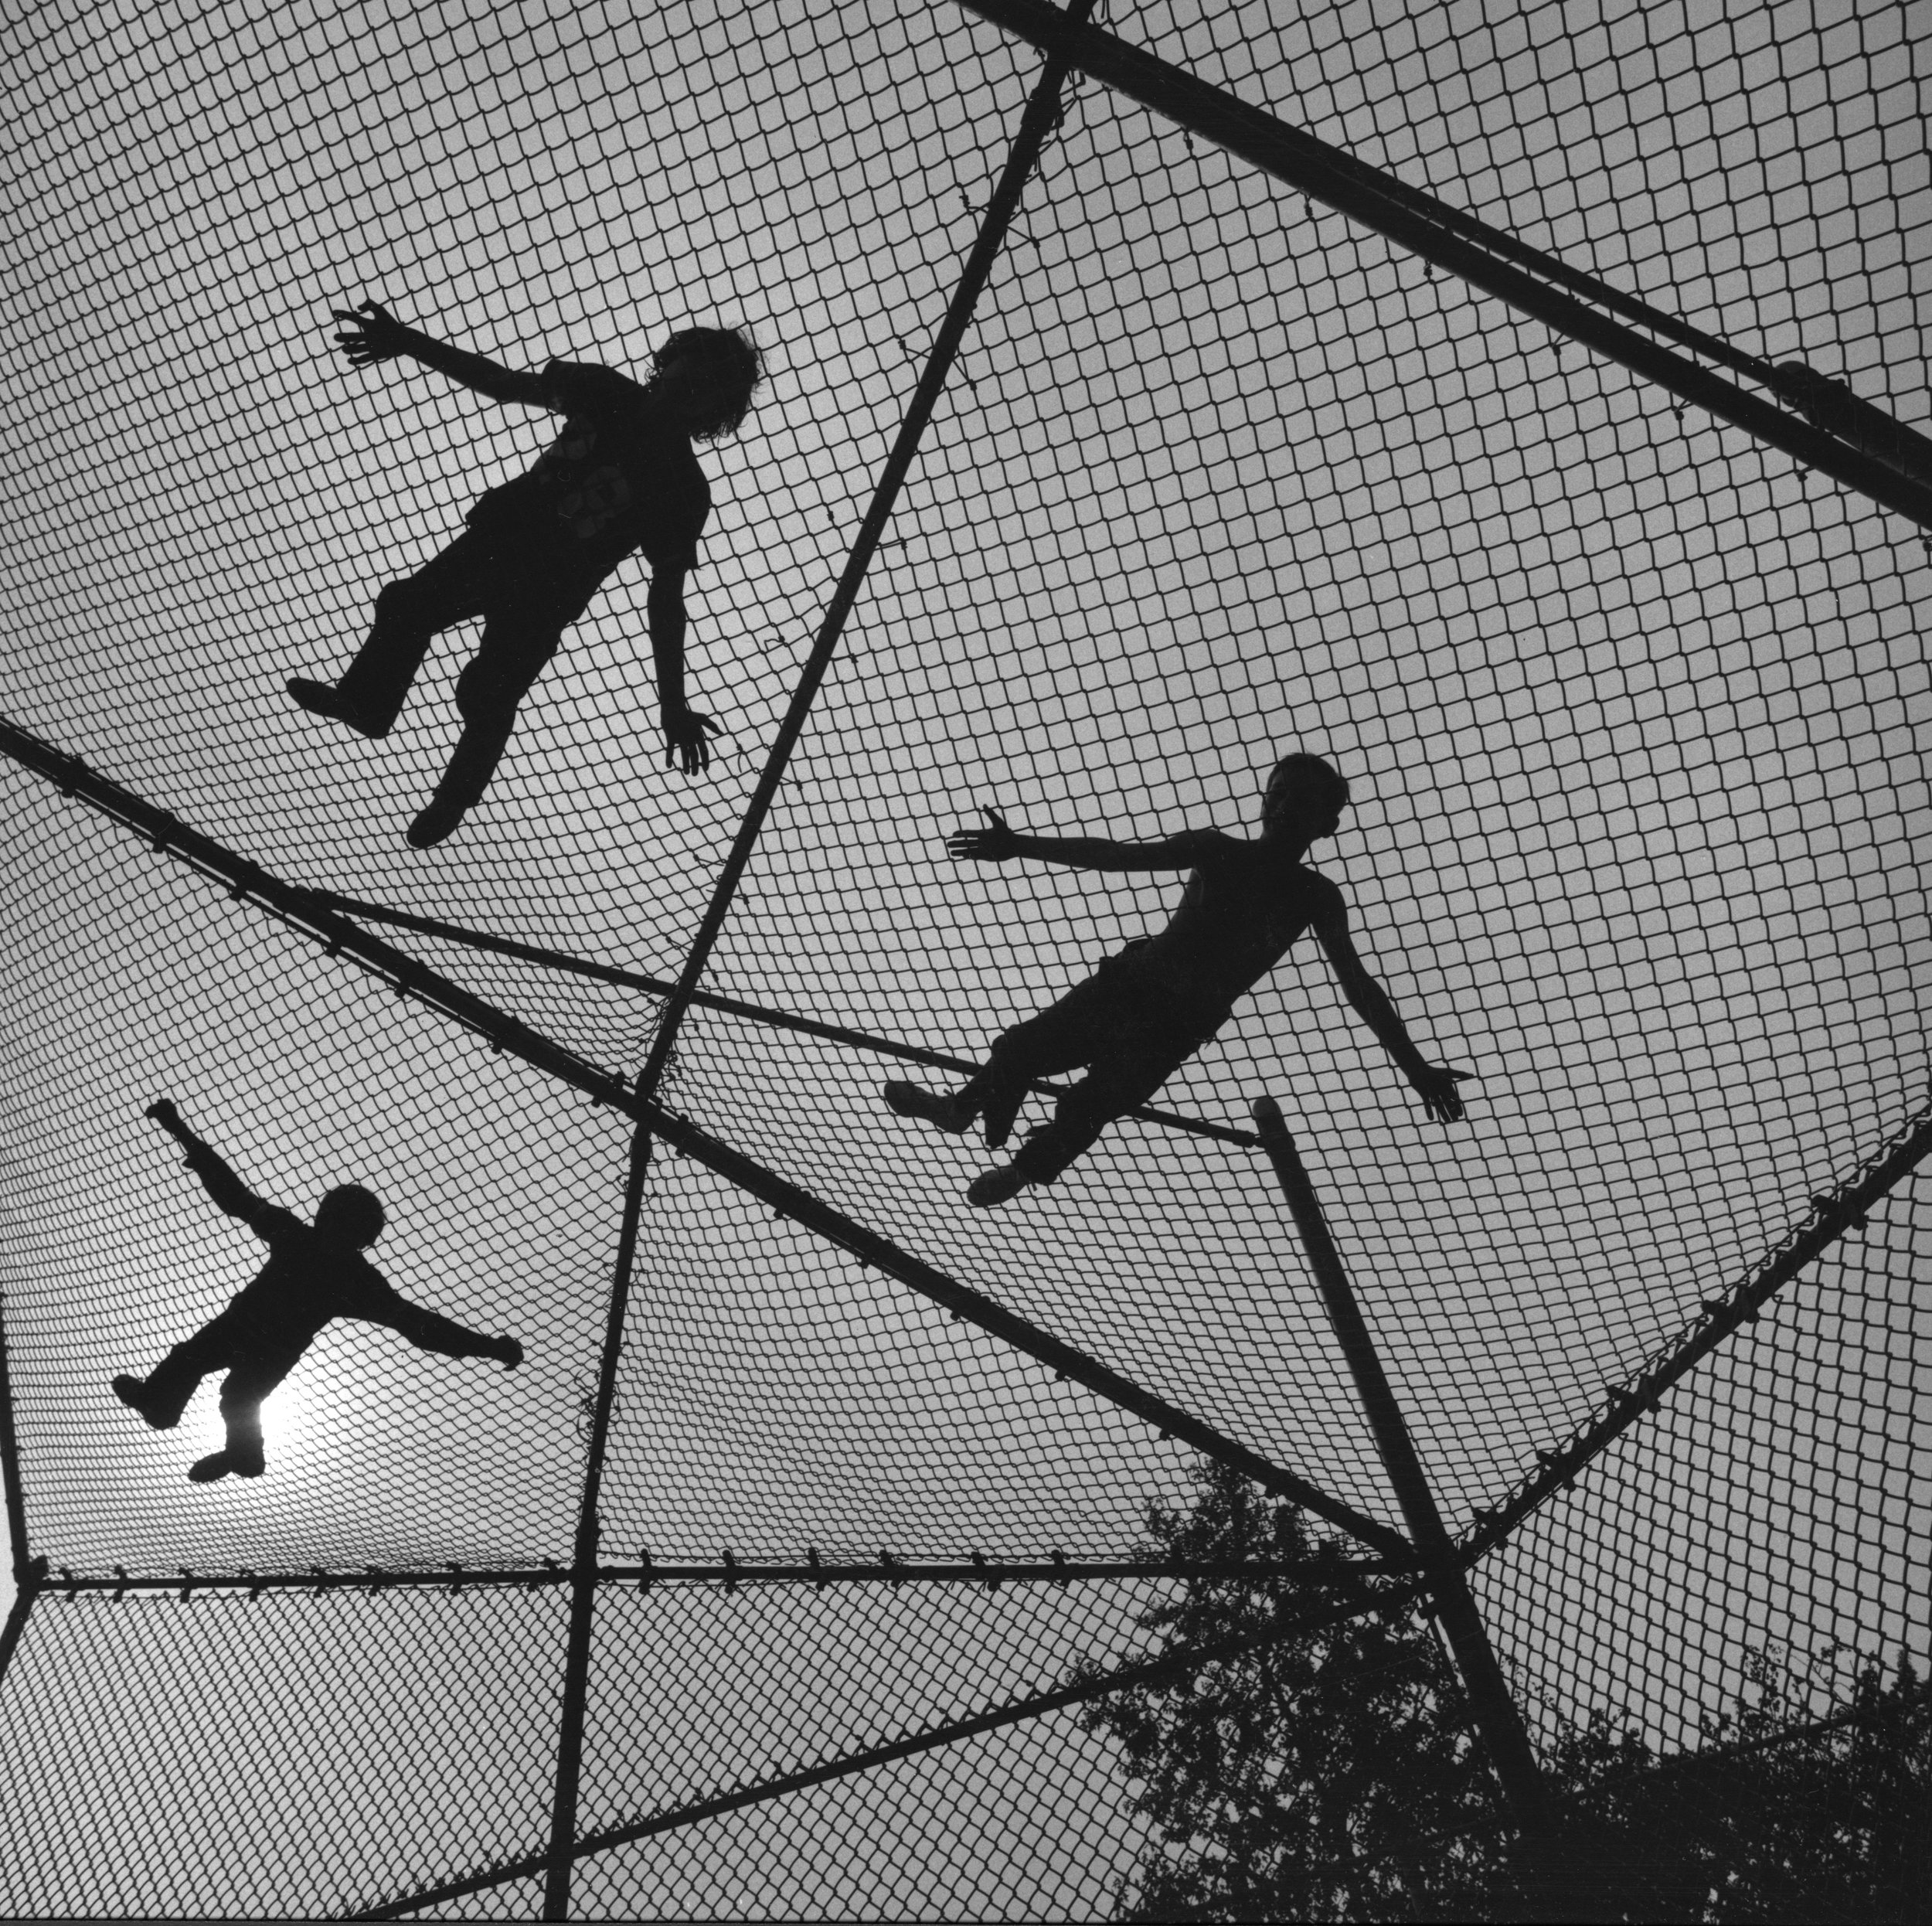 Flying Dream, Queens, NewYork